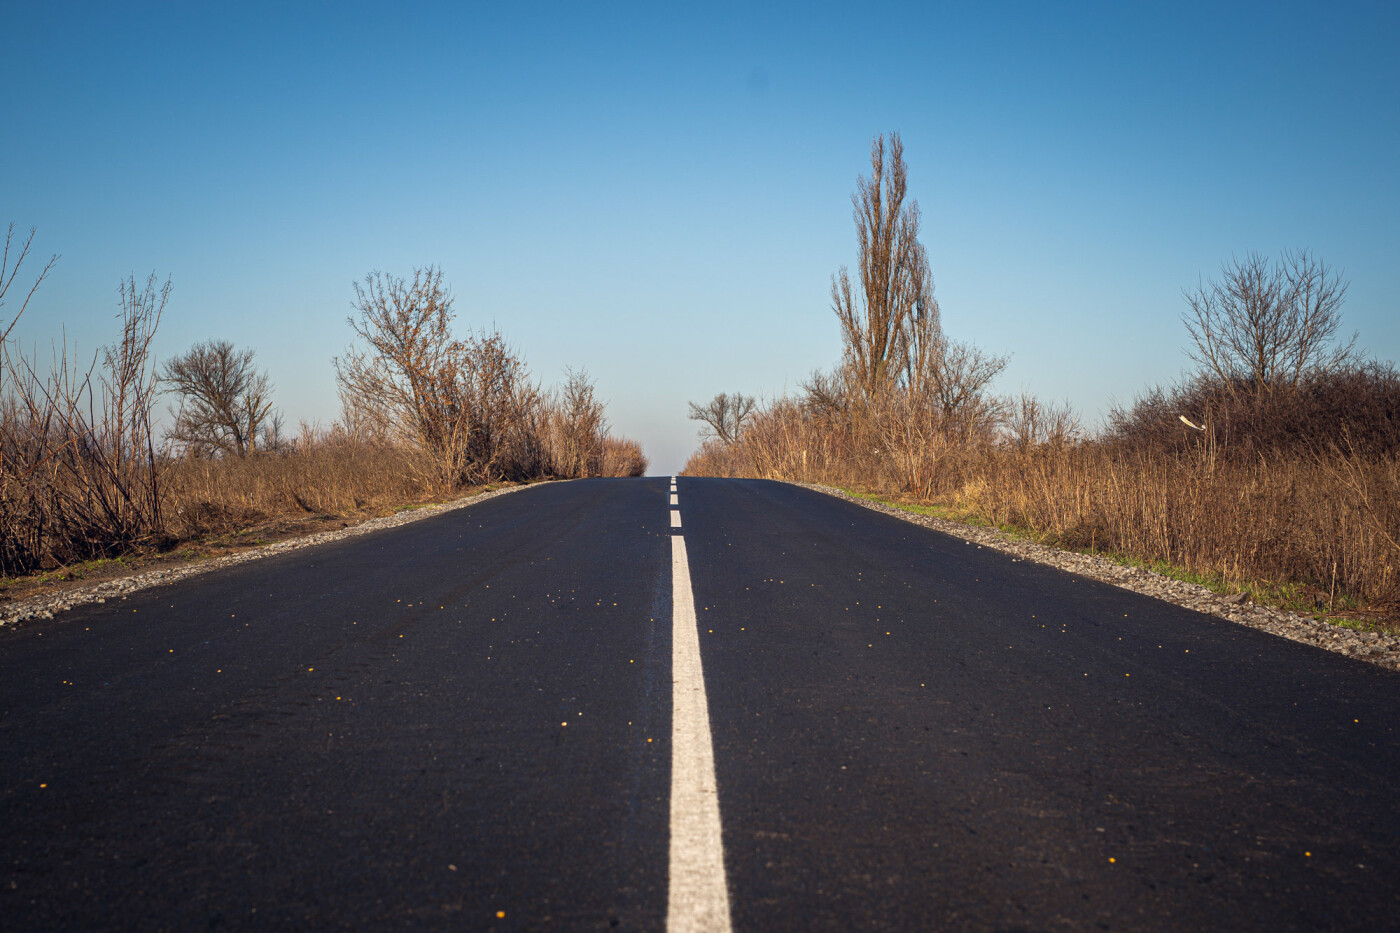 На Днепропетровщине продолжают ремонт дорог местного значения, - ФОТО, фото-1